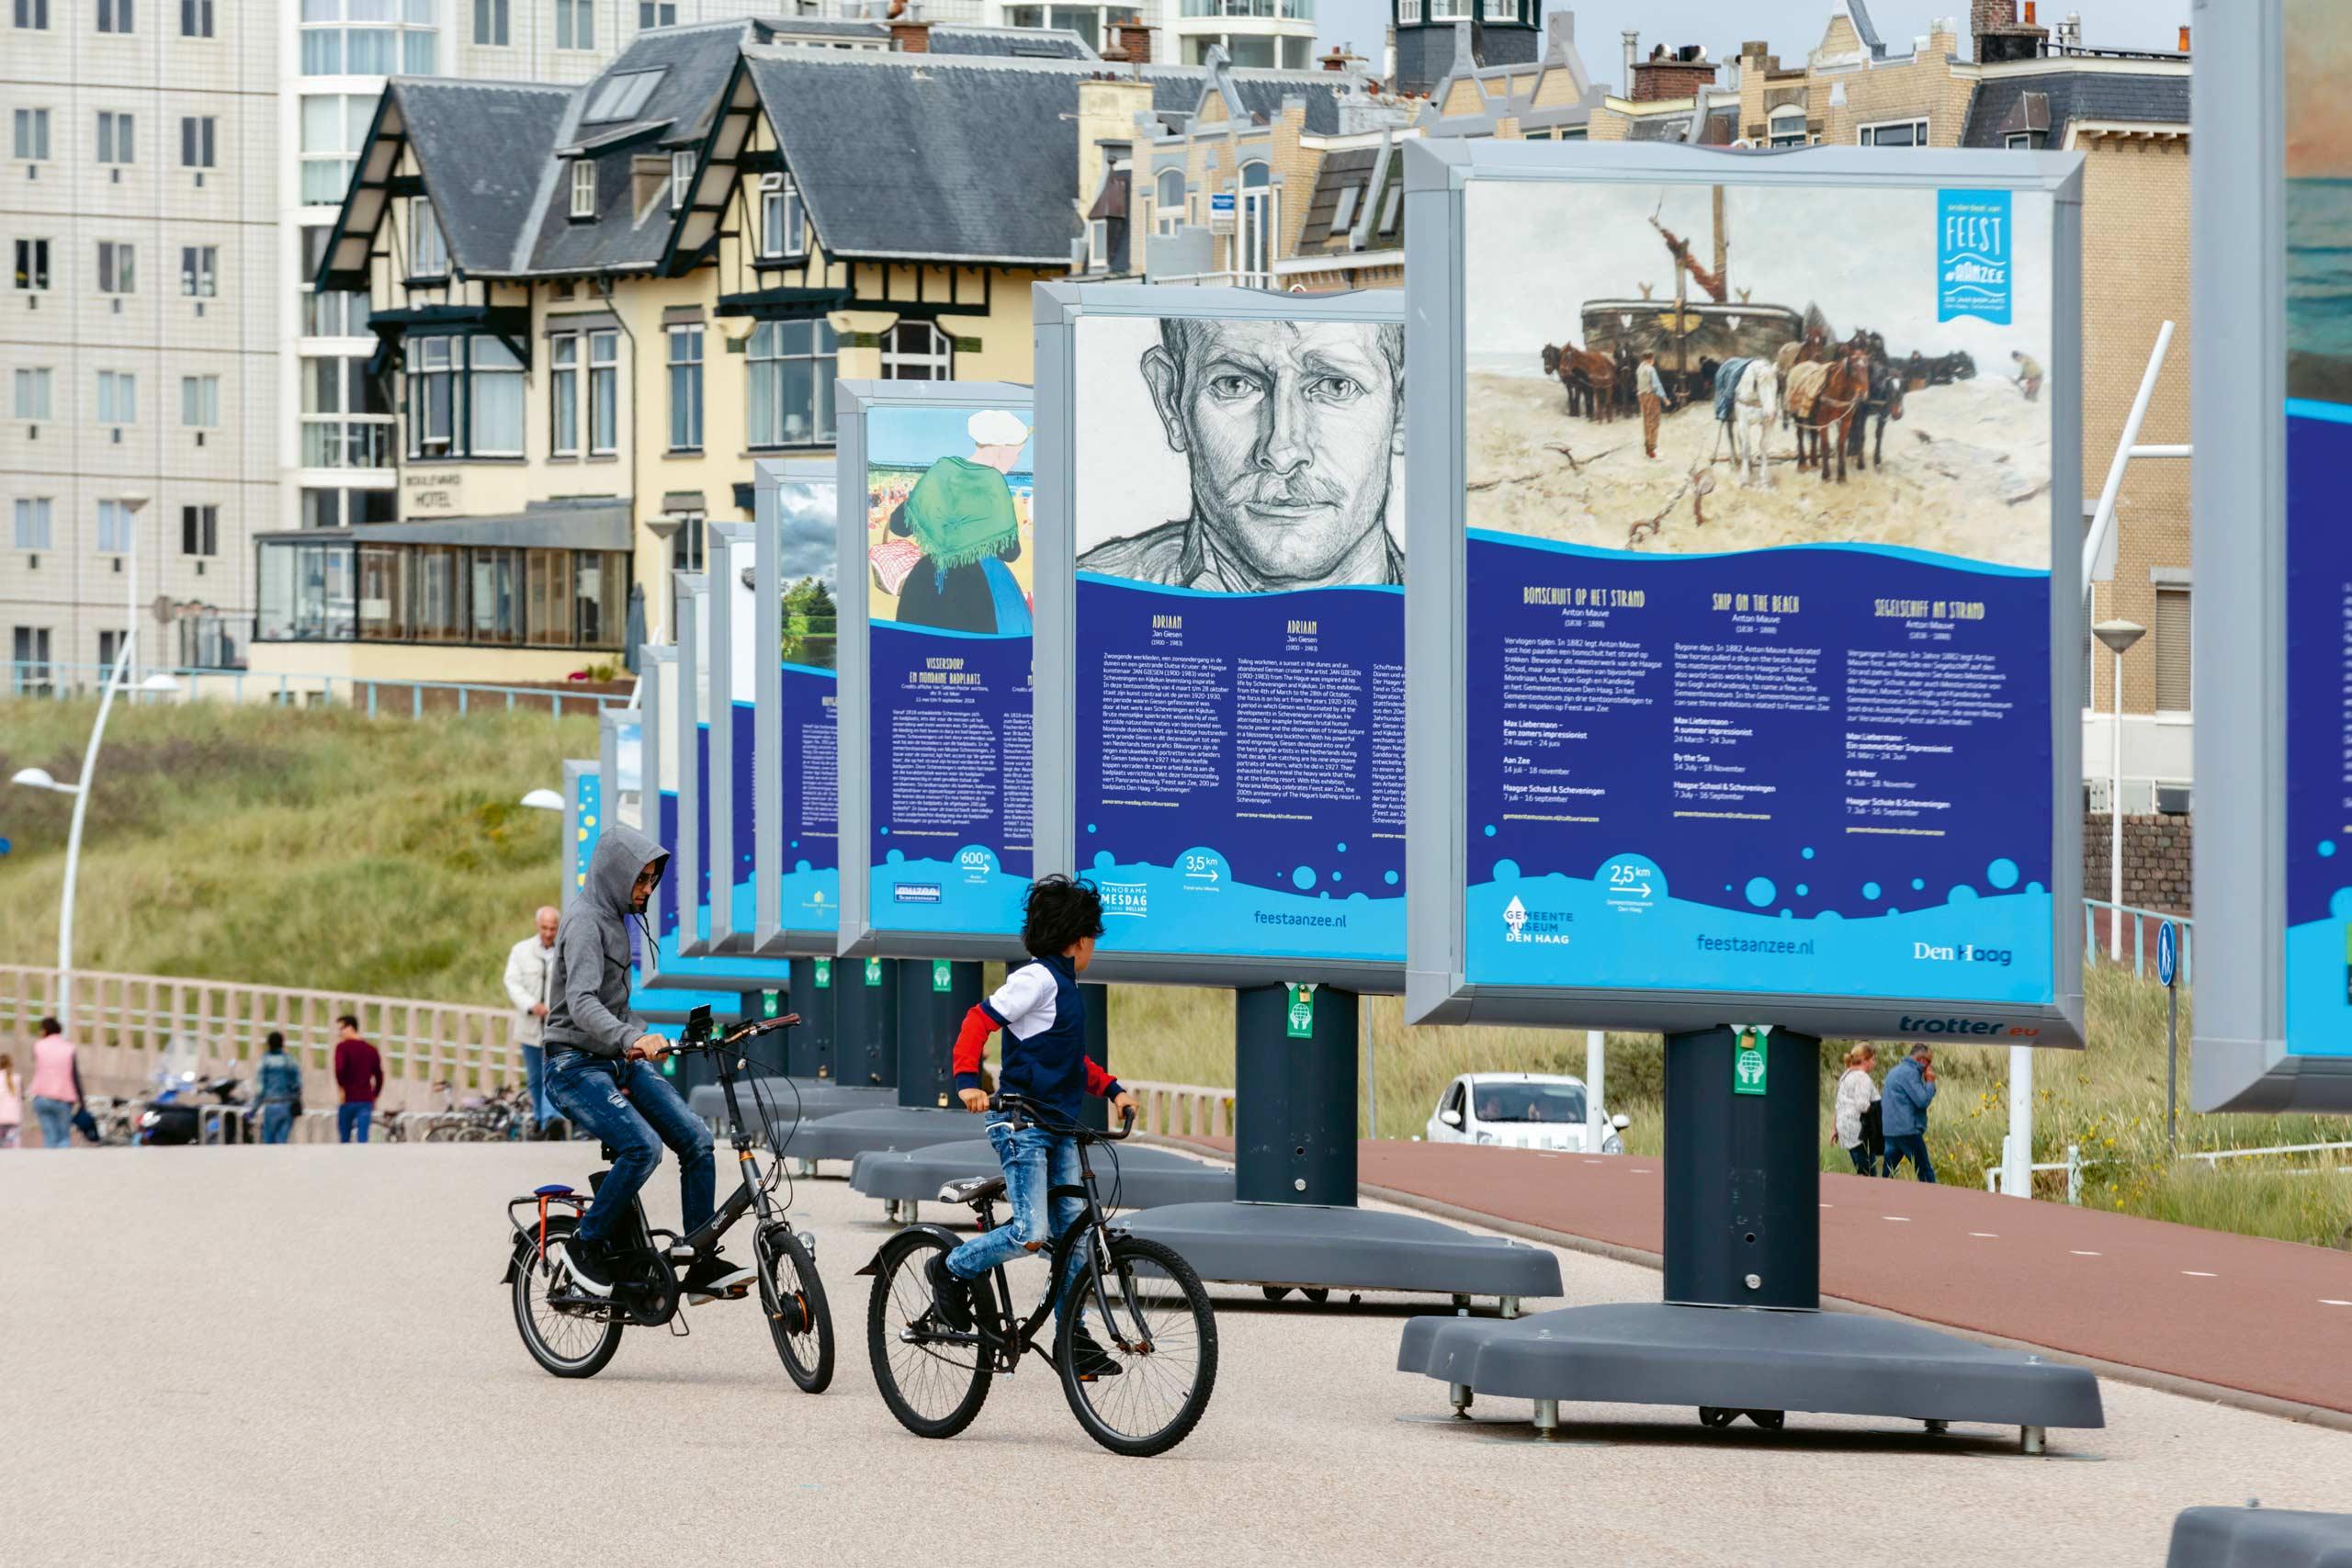 Boulevard expositie Feest aan Zee, Studio Duel